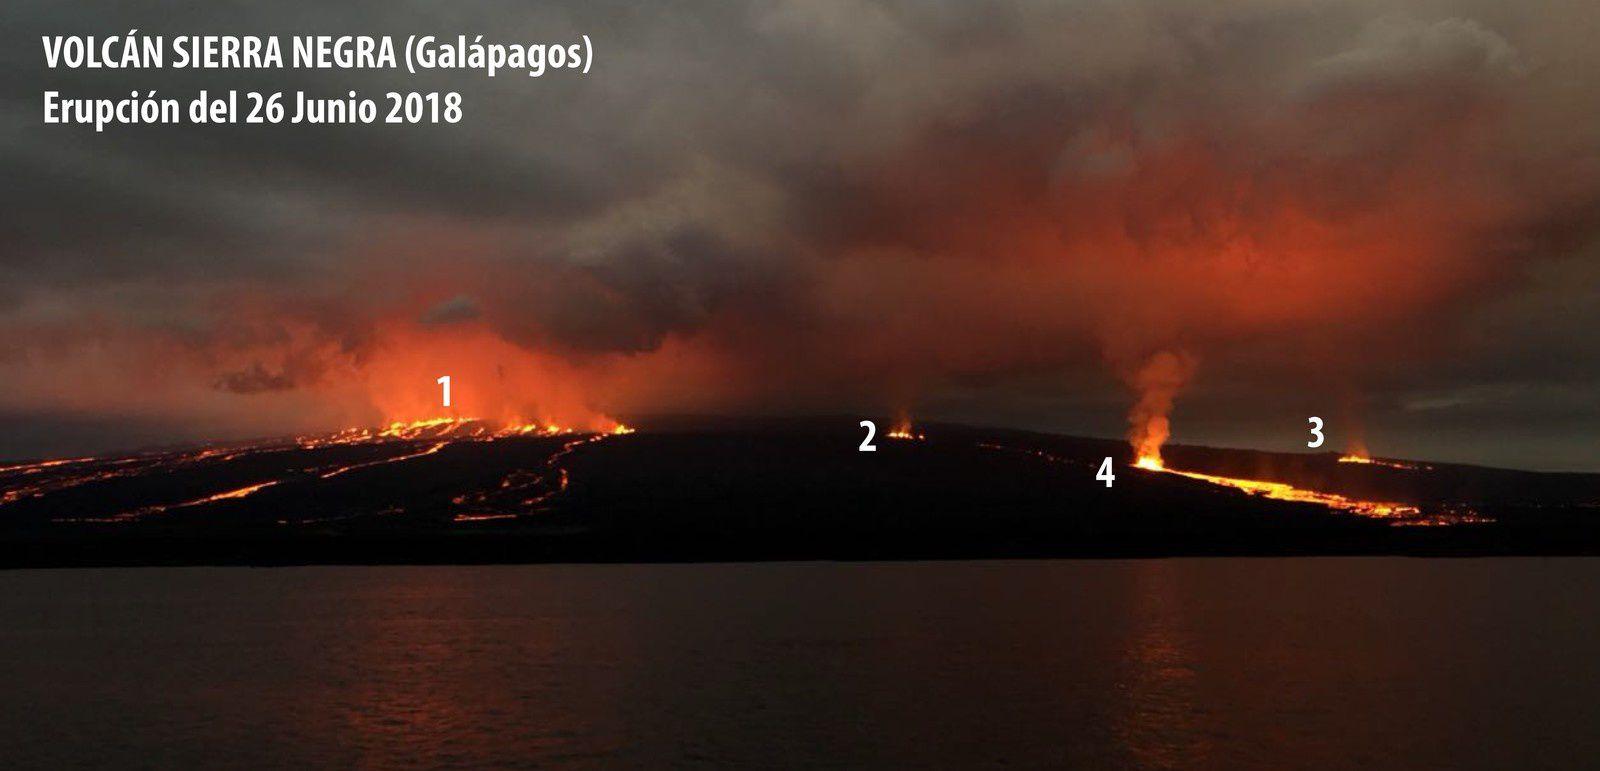 Sierra Negra - photo prise le 26.06.2018 depuis une embarcation dans la Bahía Elizabeth illustrant les différentes fissures actives à ce jour - Fissure 1: est une ouverture située au niveau du bord de la caldeira (1070 m) dans le secteur de Chico volcan; les fissures sont alignées dans la direction ouest - nord-ouest et tangentes au bord de la caldeira; elles ont une longueur de 4 km et des coulées de lave émises depuis le début de l'éruption, à l'intérieur et à l'extérieur de la caldeira, ont couvert une superficie de 16,1 km2, jusqu'au 27 Juin, date de cessation de leur activité .  Fissure 2: situé au nord-ouest de la caldeira, à environ deux kilomètres sous le bord de celle-ci (700 mètres). Elle a une longueur d'environ 250 mètres et a produit des coulées de lave depuis le début de l'éruption, couvrant une superficie de 2,3 km2 jusqu'au 27 juin, date à laquelle elle semble avoir terminé son activité. Il avait une extension d'environ 3 km et sa lave n'atteignait pas la mer. Fissure 3: situé à l'ouest de la caldeira. Cette fissure est d'environ 250 mètres de long et a été active depuis le début de l'éruption, émettant des coulées de lave qui couvrait une superficie d'environ 0,3 km2 jusqu'au 27 Juin quand elle a apparemment conclu son activité. Les coulées de lave avaient une extension d'environ 2 km et leur lave n'atteignait pas la mer . Fissure 4: a été la plus active, et depuis le début de l'éruption a émis des coulées de lave de façon continue. Elle est situé sur le flanc nord-ouest (100 m) à 8 km en aval du bord de la caldeira . Jusqu'au 16 juillet, ses laves couvraient une superficie de 11,6 km2 qui continue de croître au moment de la publication de ce rapport . Entre le 9 et le 10 juillet, les coulées de lave issues de cette fissure ont atteint l'océan et modifié la côte équatorienne. Jusqu'au 16 juillet, le territoire équatorien a augmenté de 0,93 km².